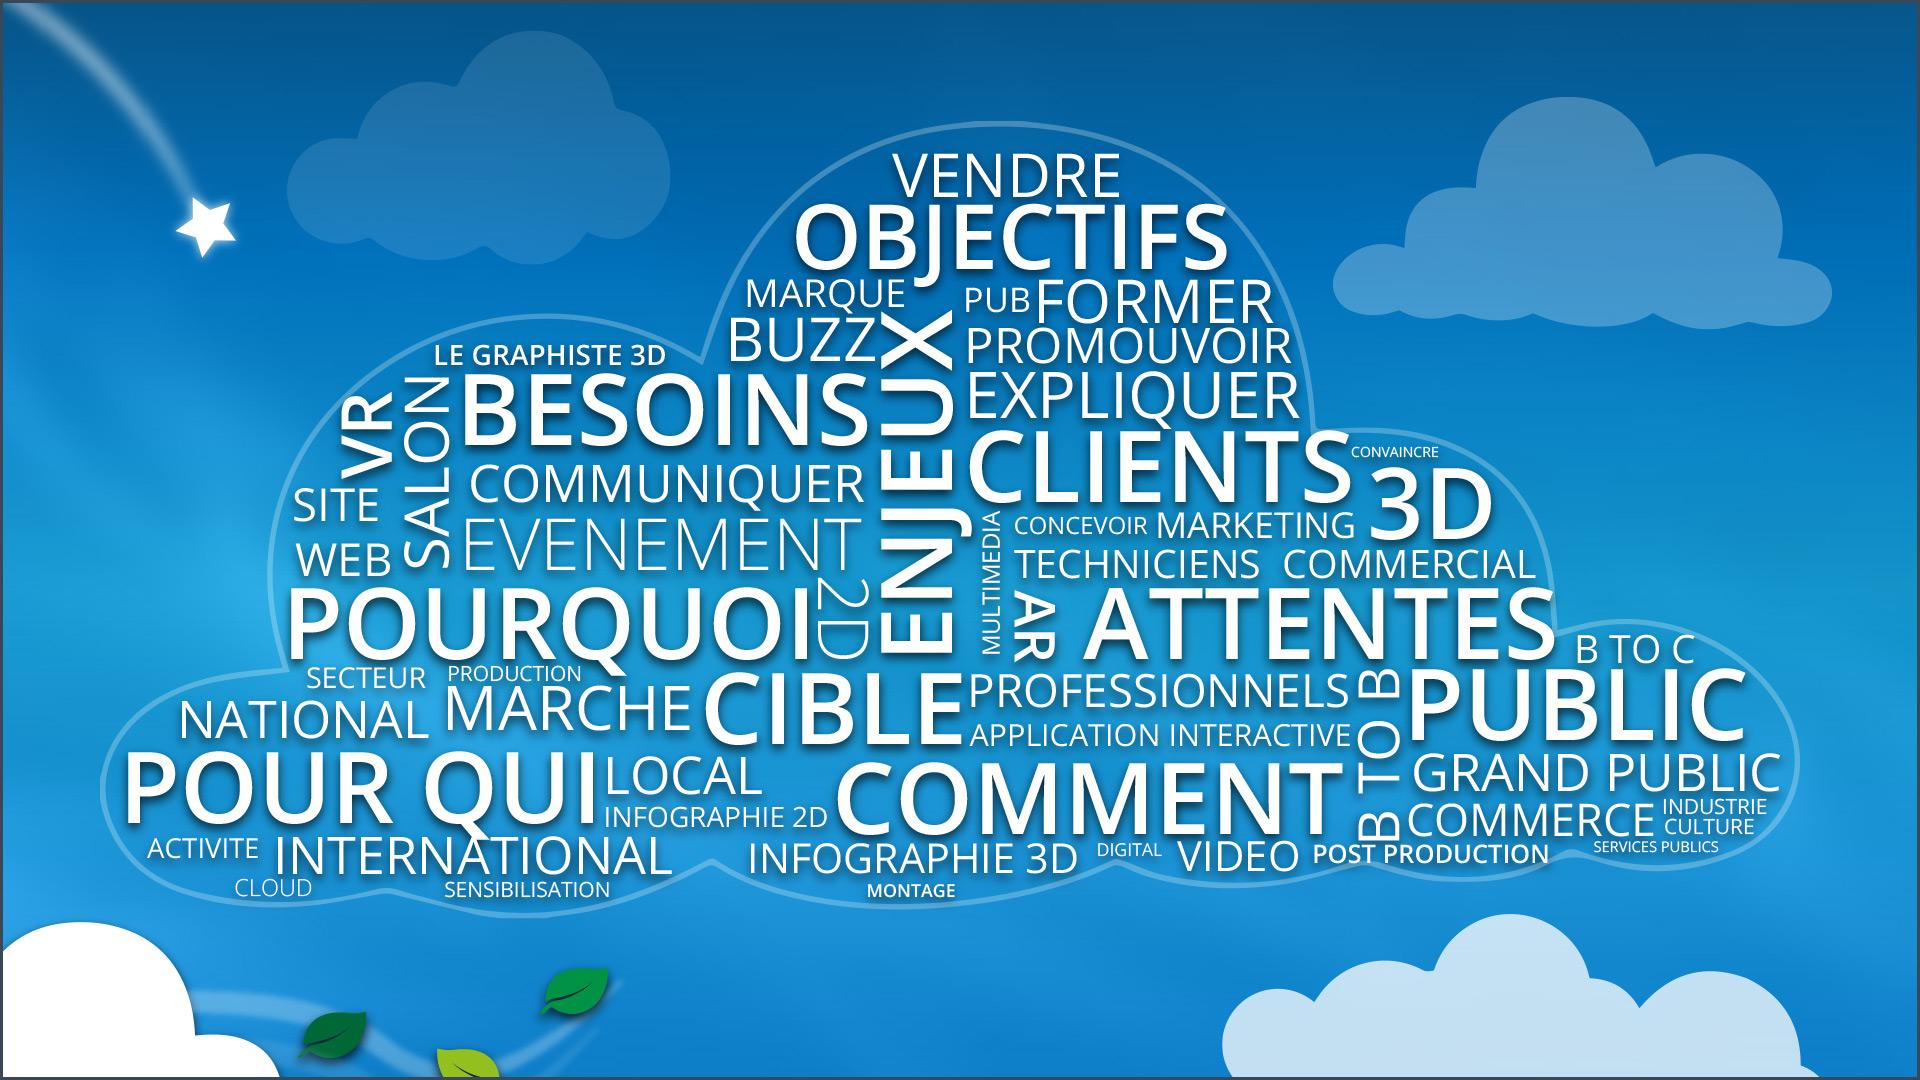 Le Graphiste 3D - Communication